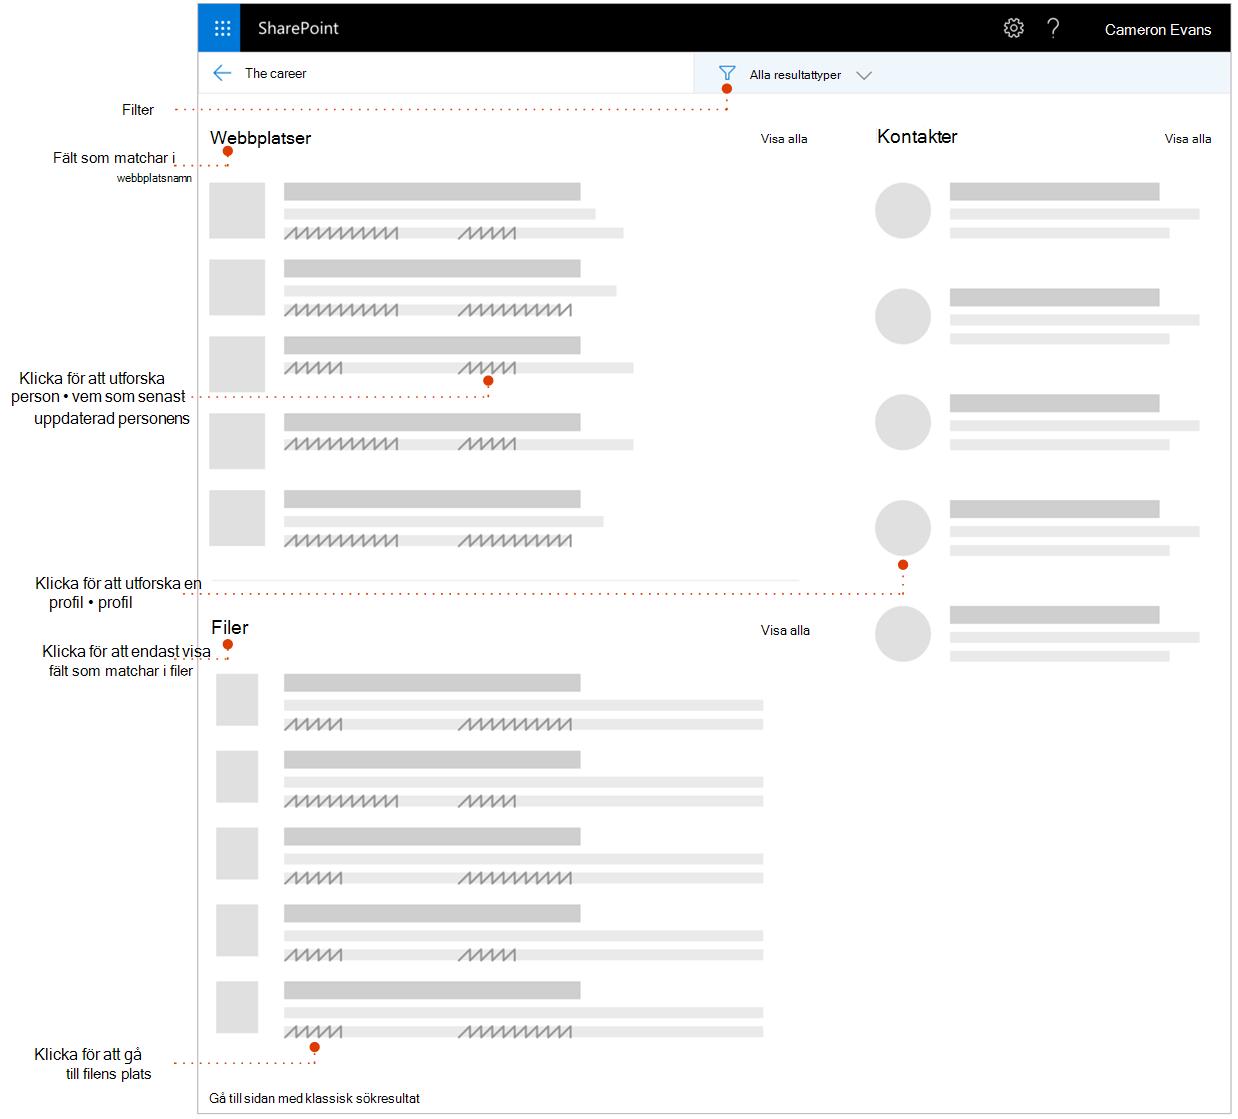 Skärmbild av sökresultat sida med pekare till element för att utforska.